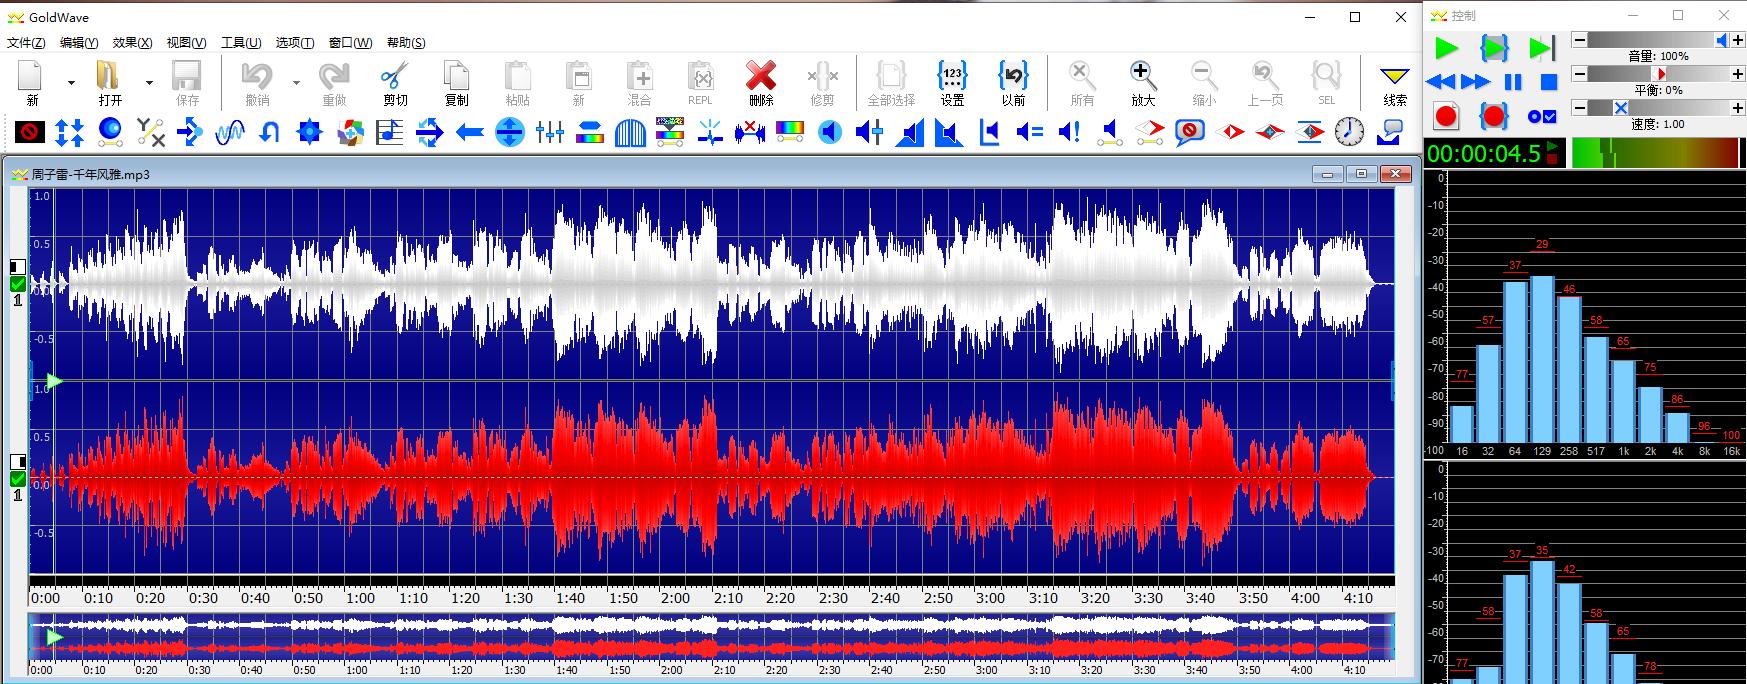 图2:F3键快速播放歌曲